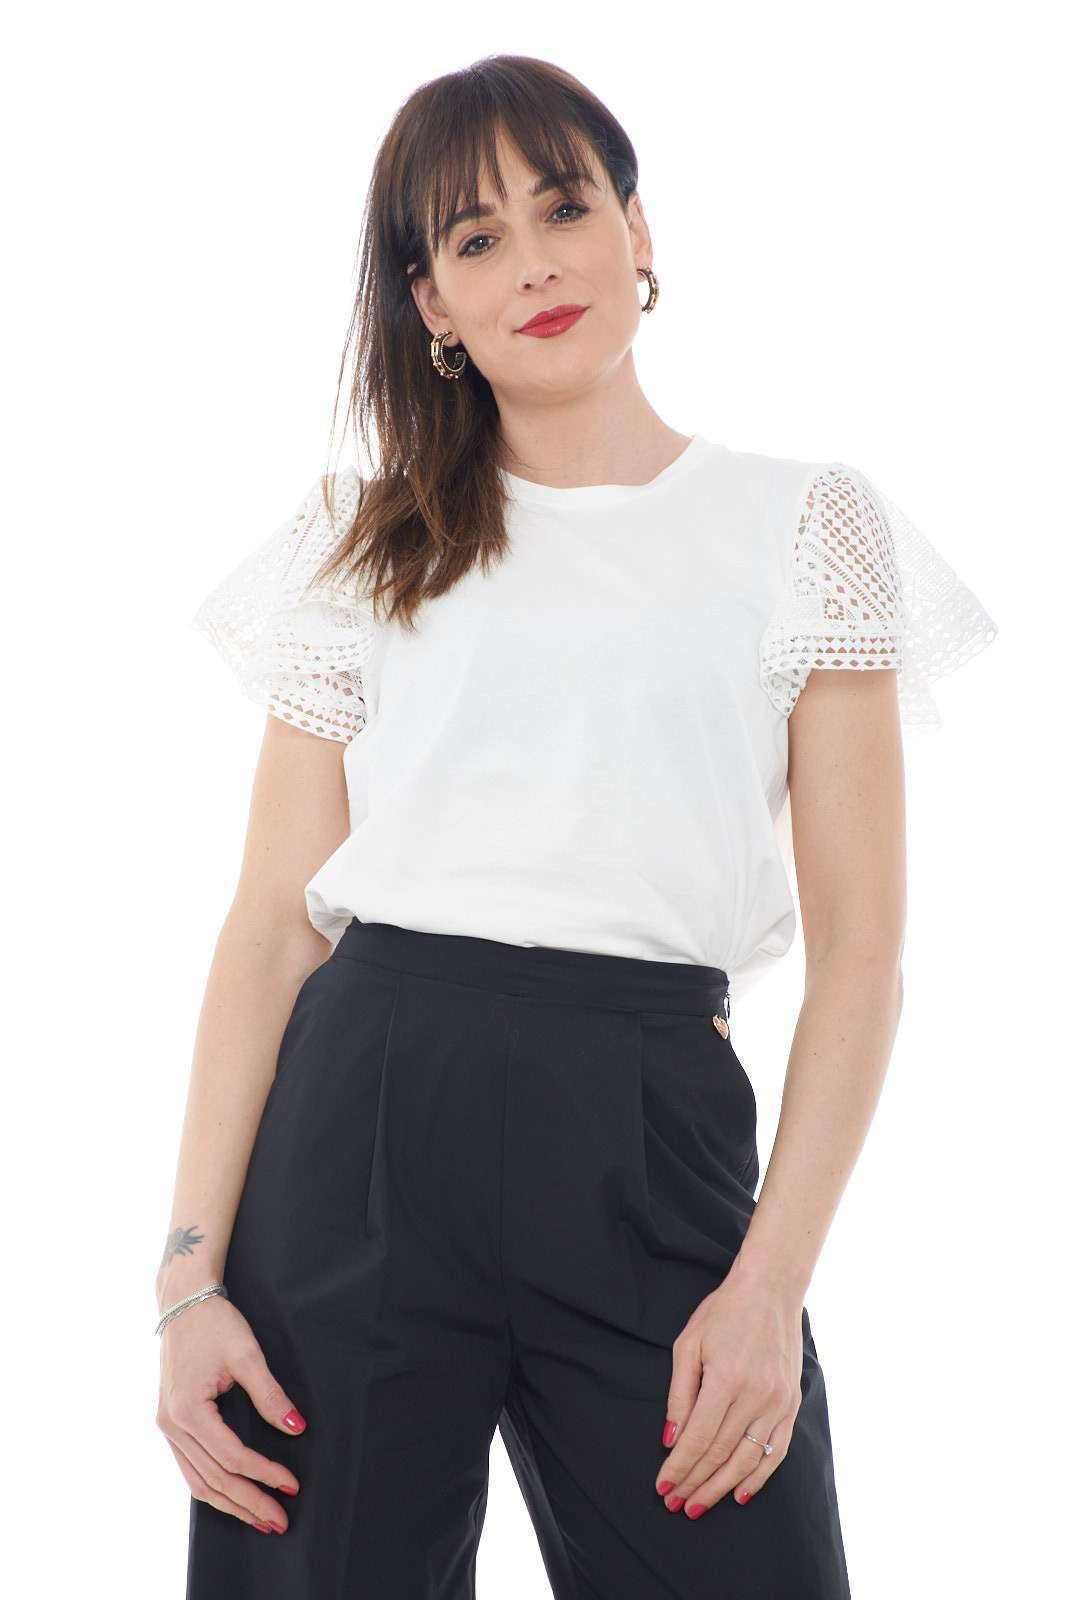 Una blusa dal gusto di una T shirt quella proposta dalla collezione donna Twinset Milano. Il tessuto minimal è impreziosito dalle maniche ad aletta in pizzo ad effetto trasparenza. Perfetta sia con pantaloni che con gonne, è un must have.